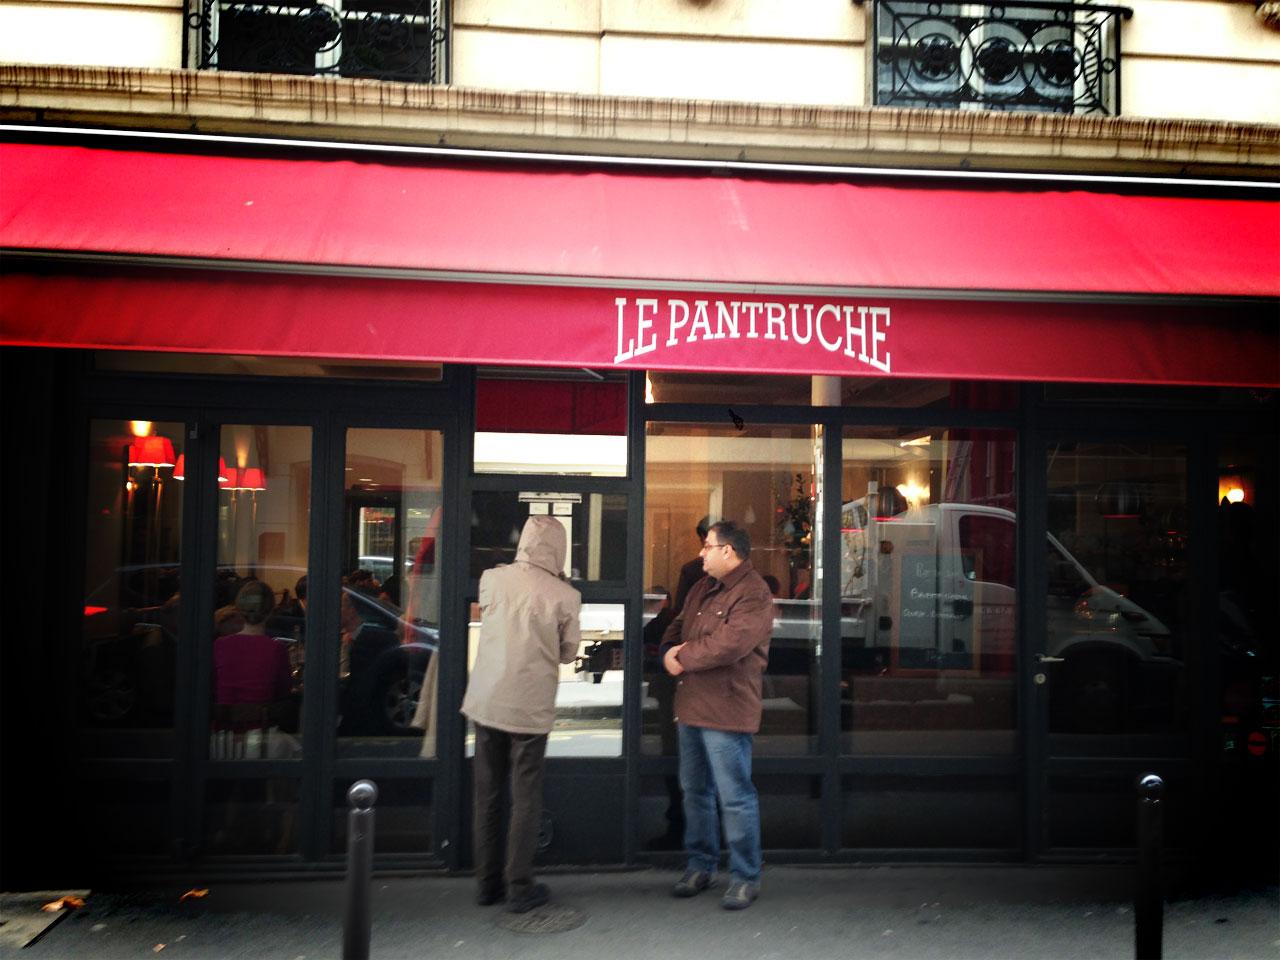 Le pantruche orgyness for Jardin d asie 78 rue baudricourt 75013 paris